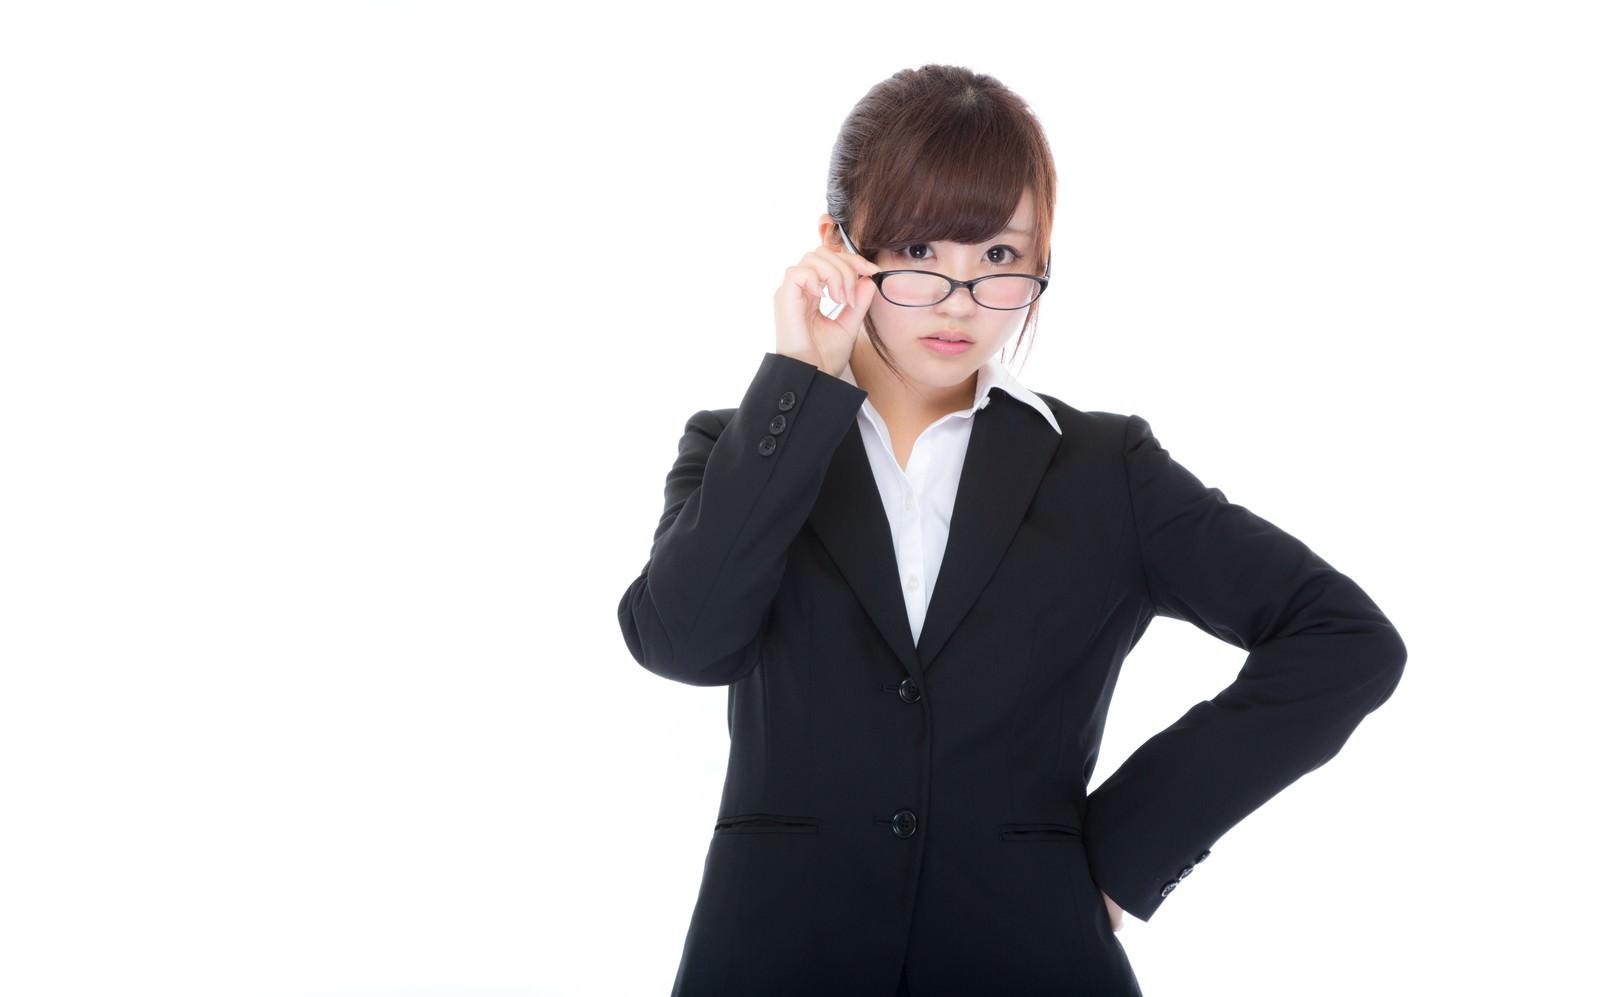 「スケジュールを守らない管理職を叱る美人秘書」[モデル:河村友歌]